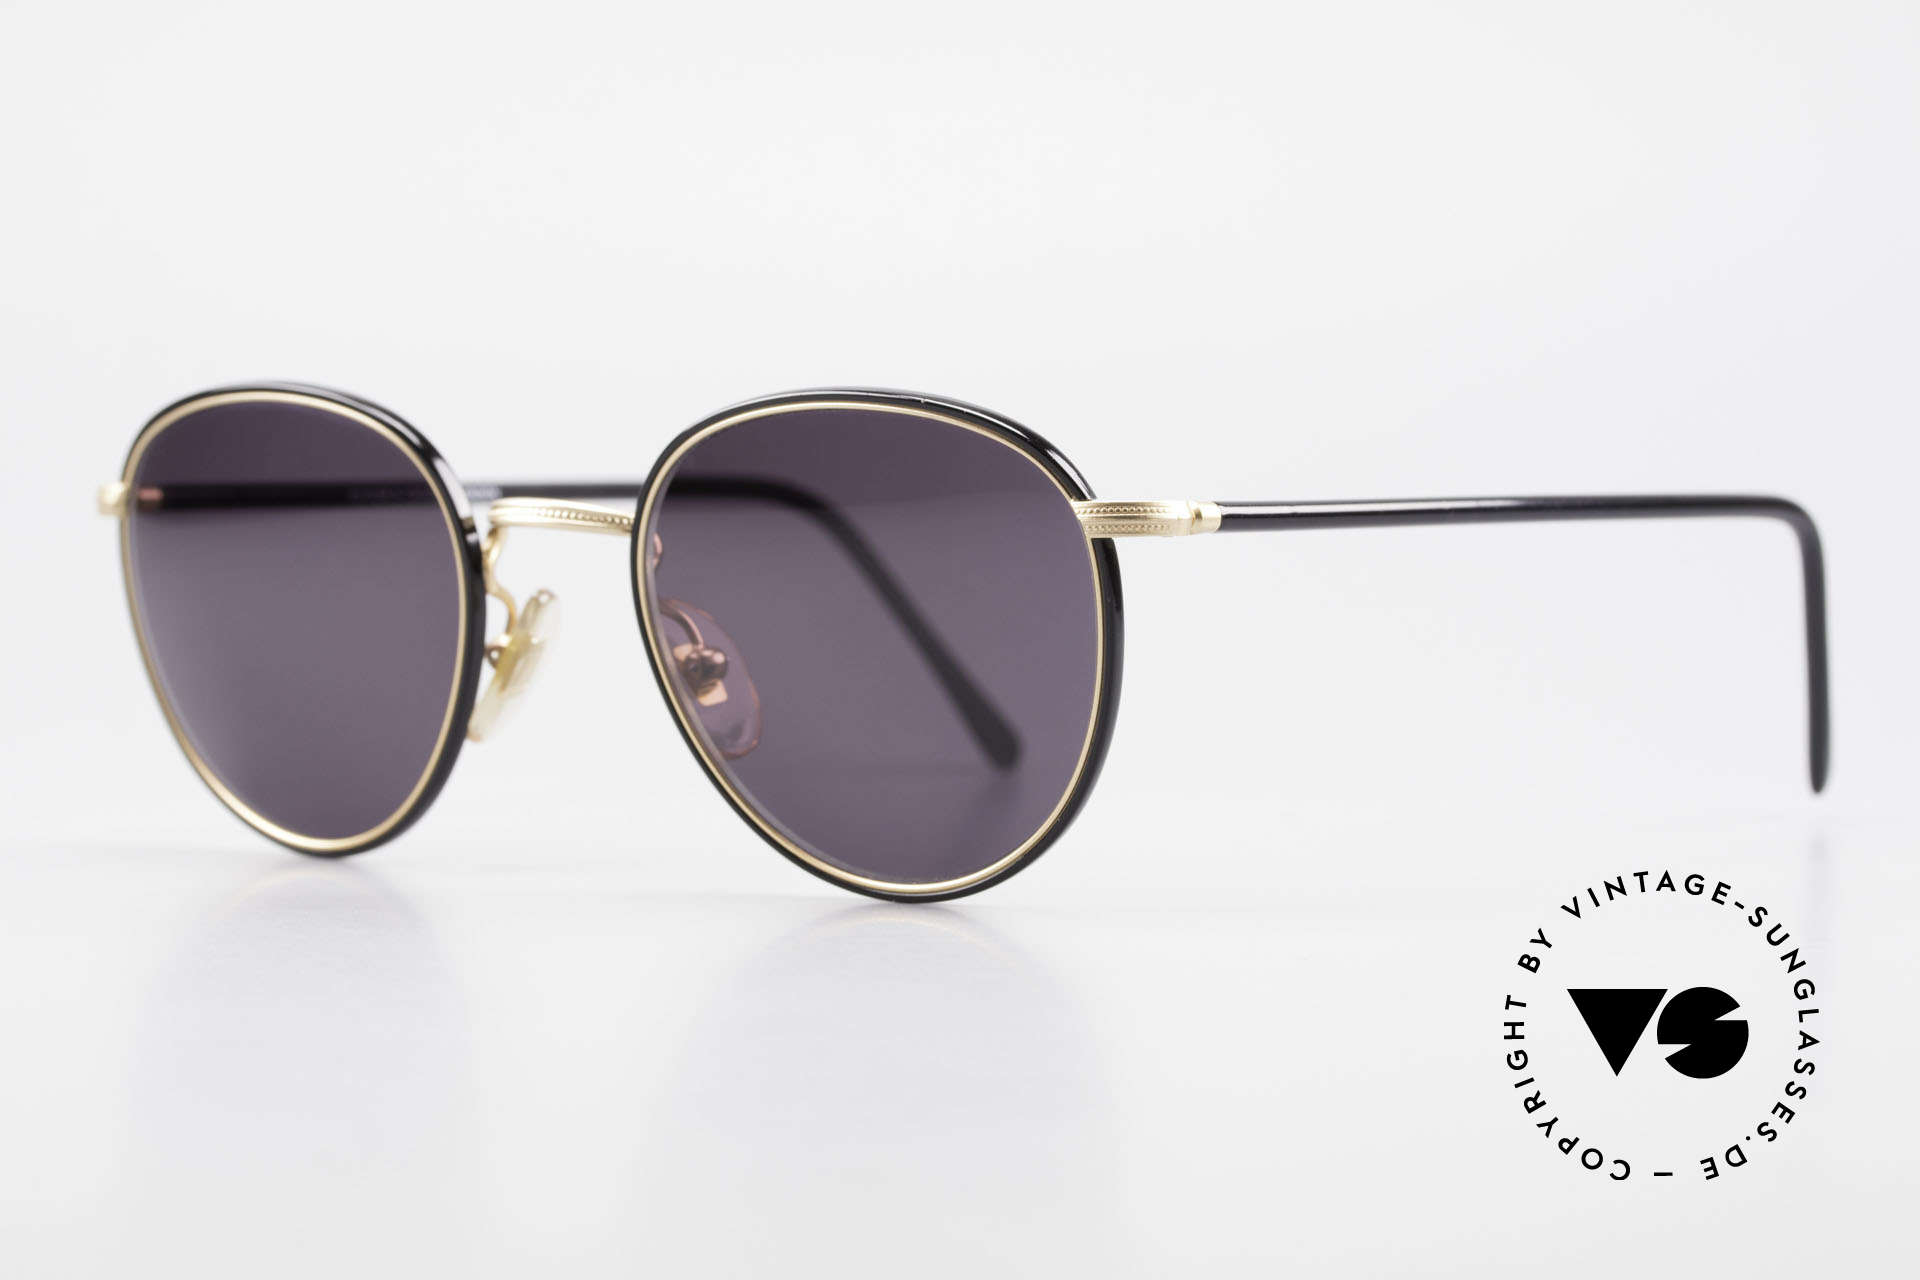 Cutler And Gross 0352 Vintage Panto Sonnenbrille, stilvoll & unverwechselbar; auch ohne pompöse Logos, Passend für Herren und Damen